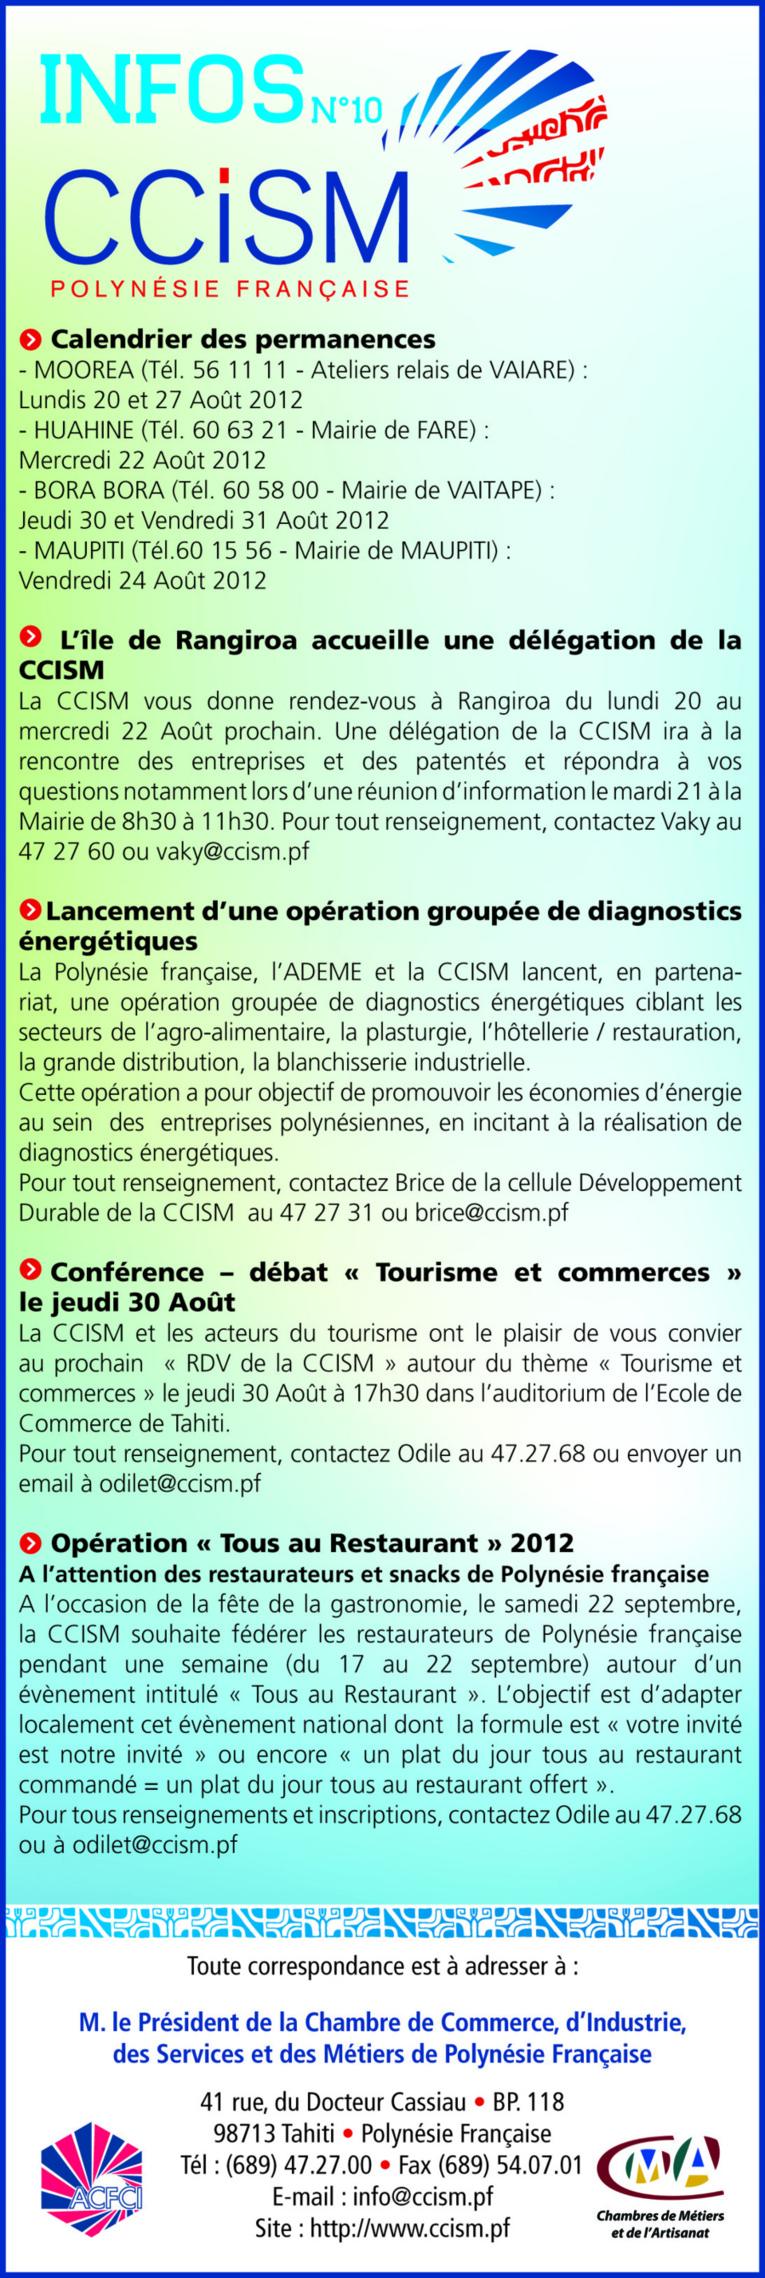 Infos CCISM N°10